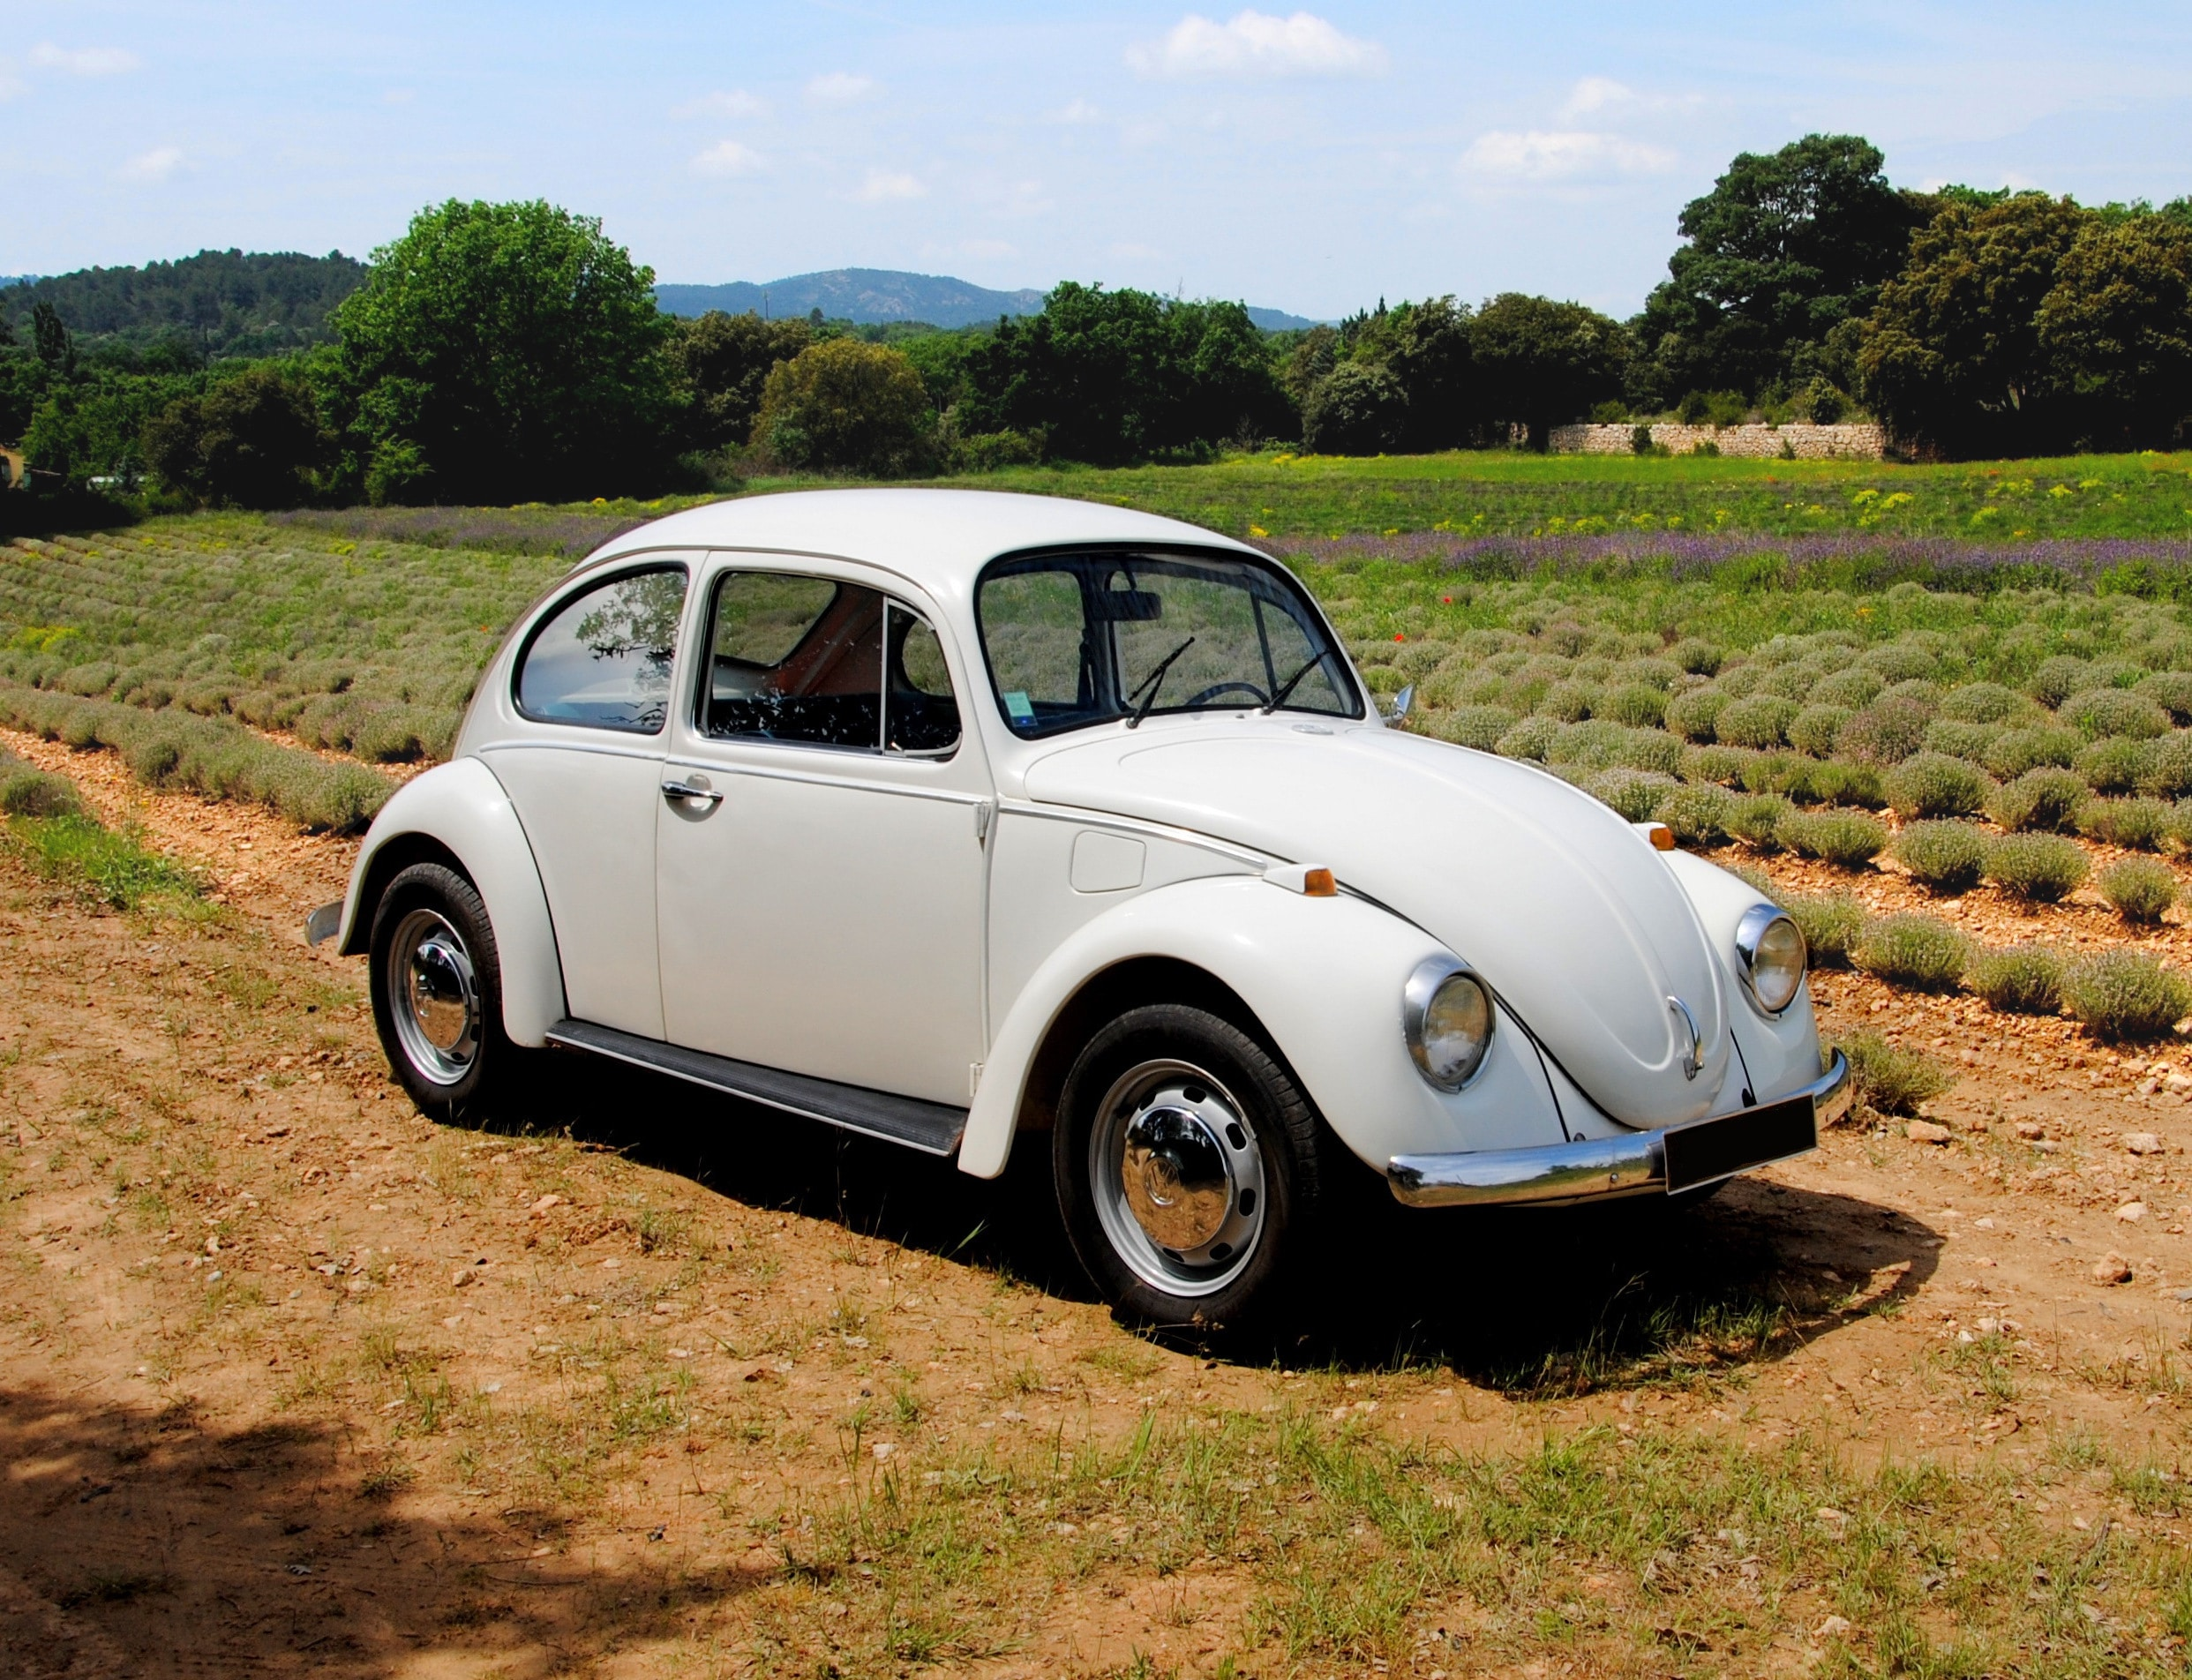 Volkswagen Coccinelle location voiture ancienne